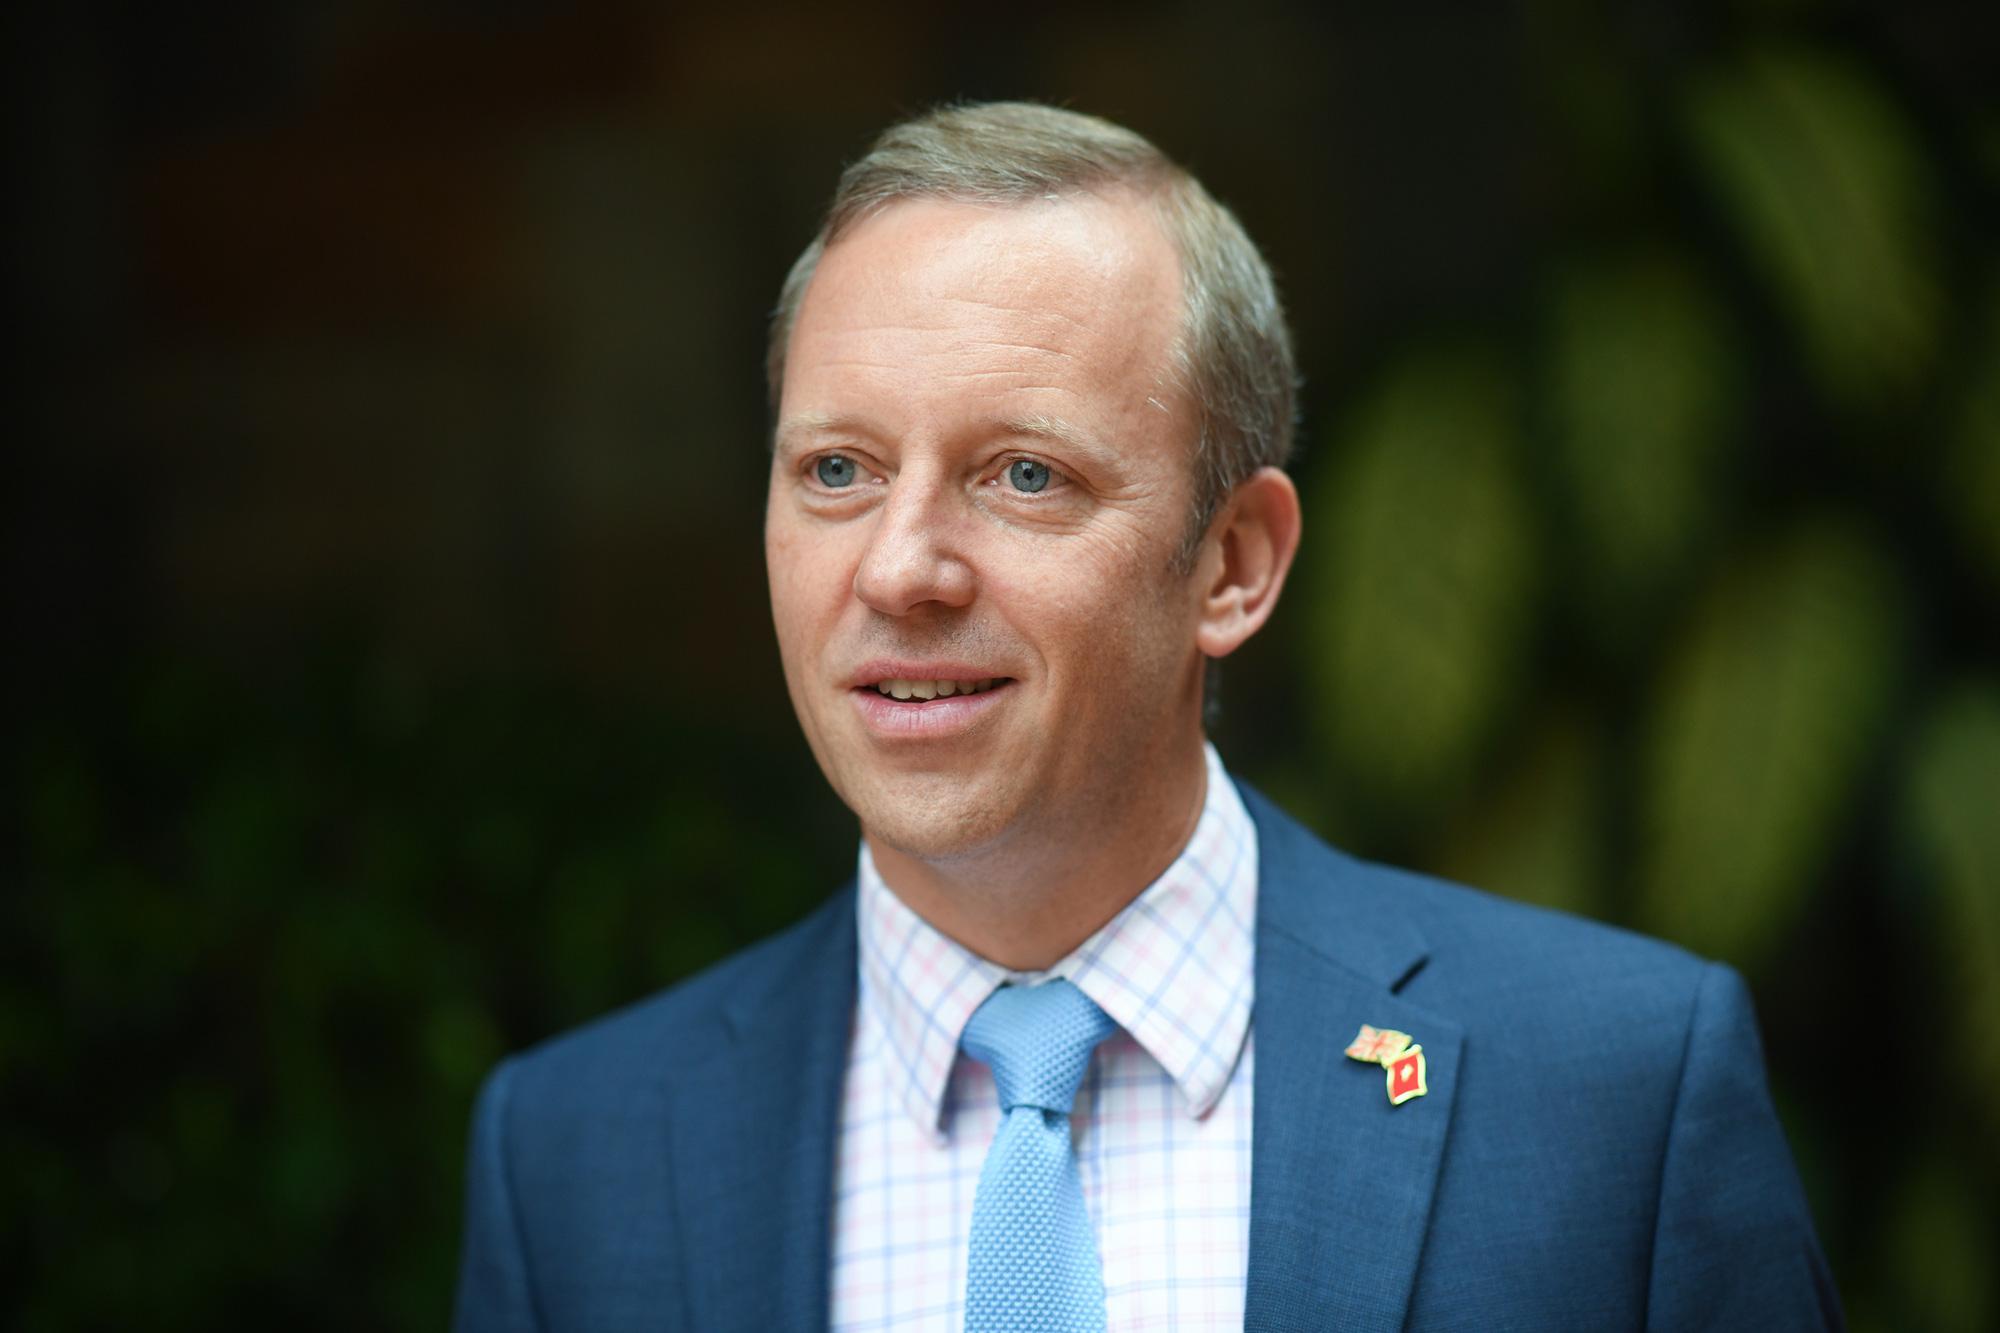 UK open to receive int'l students despite COVID-19: ambassador